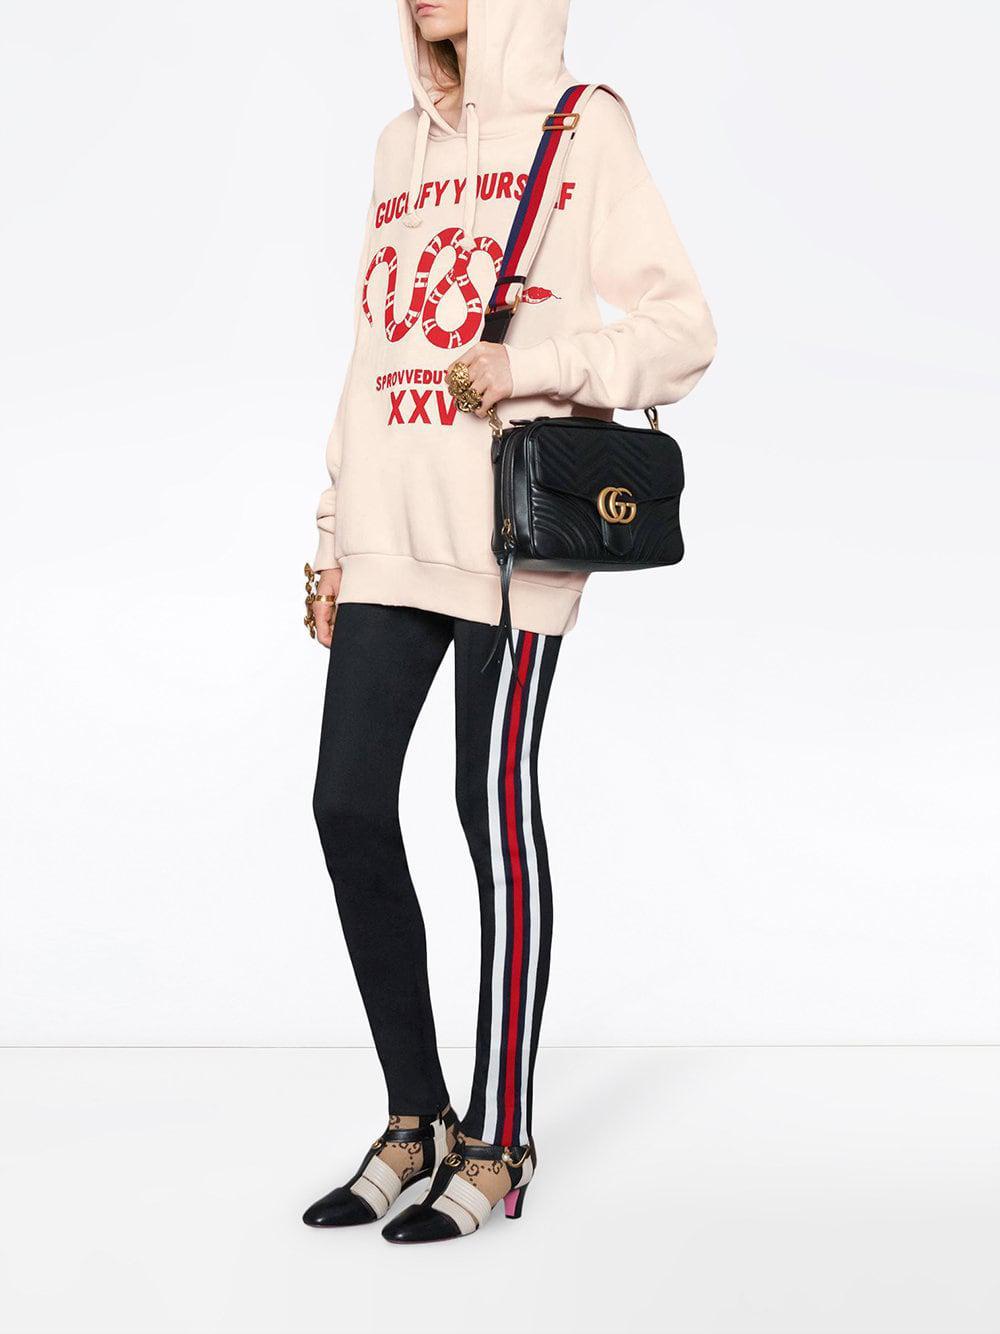 4134981d6d0 Gucci Gg Marmont Matelassé Shoulder Bag in Black - Save 15% - Lyst